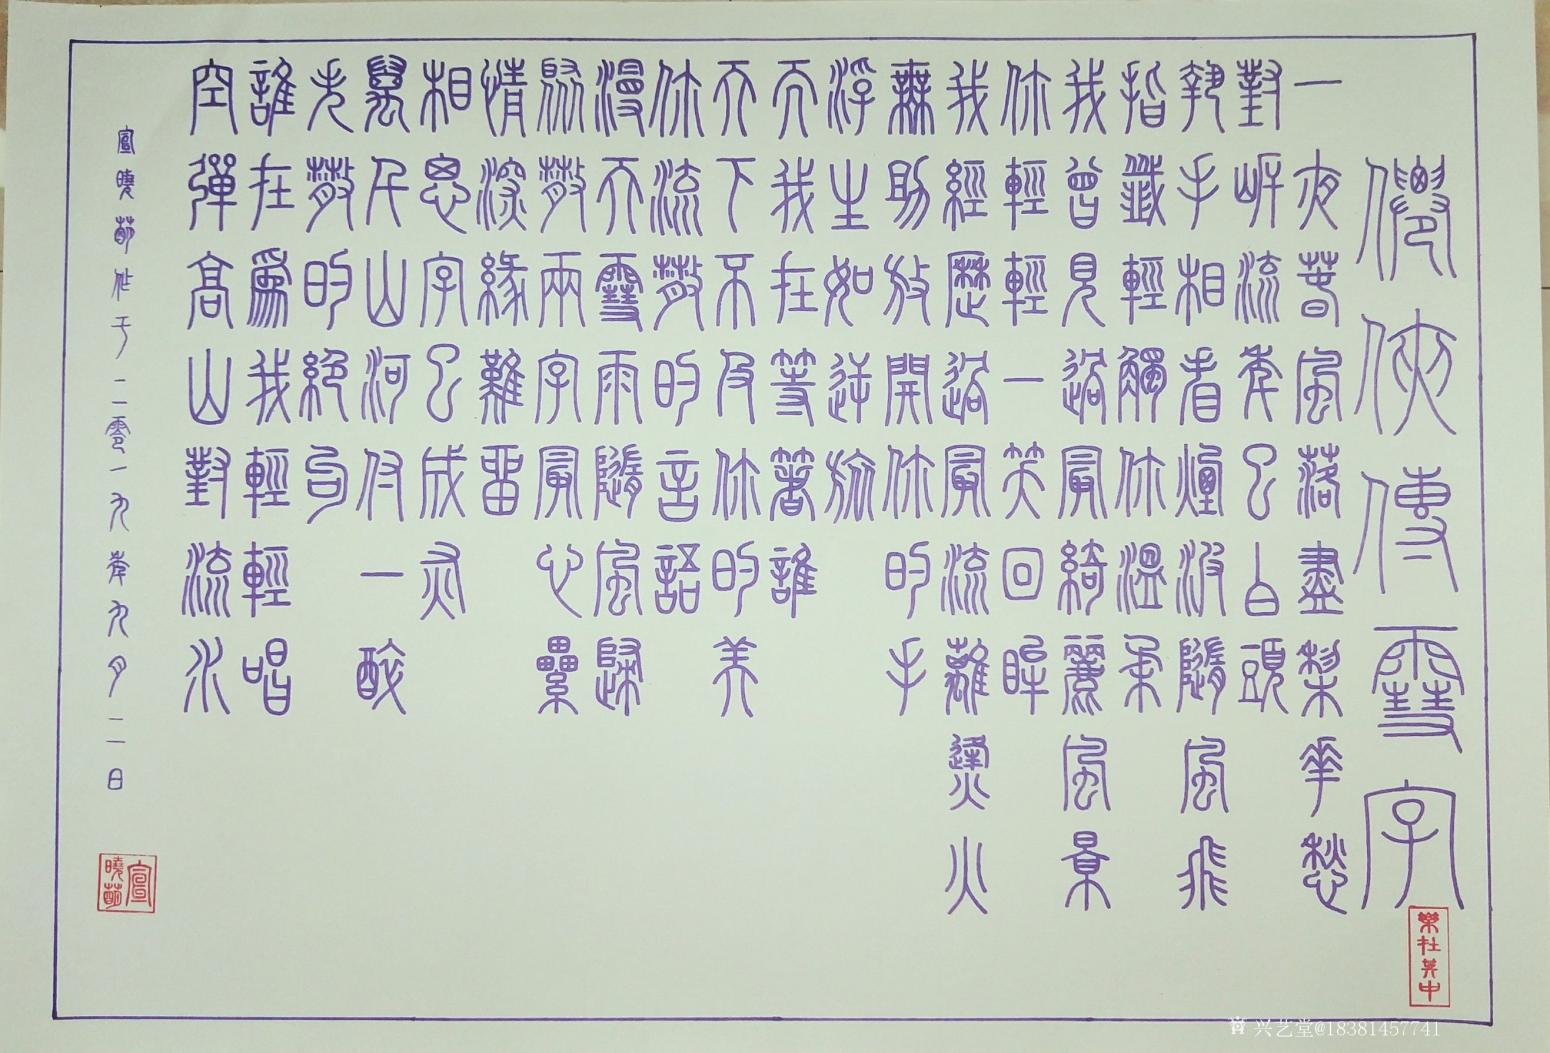 18381457741书法作品《仙侠传 雪字》【图0】